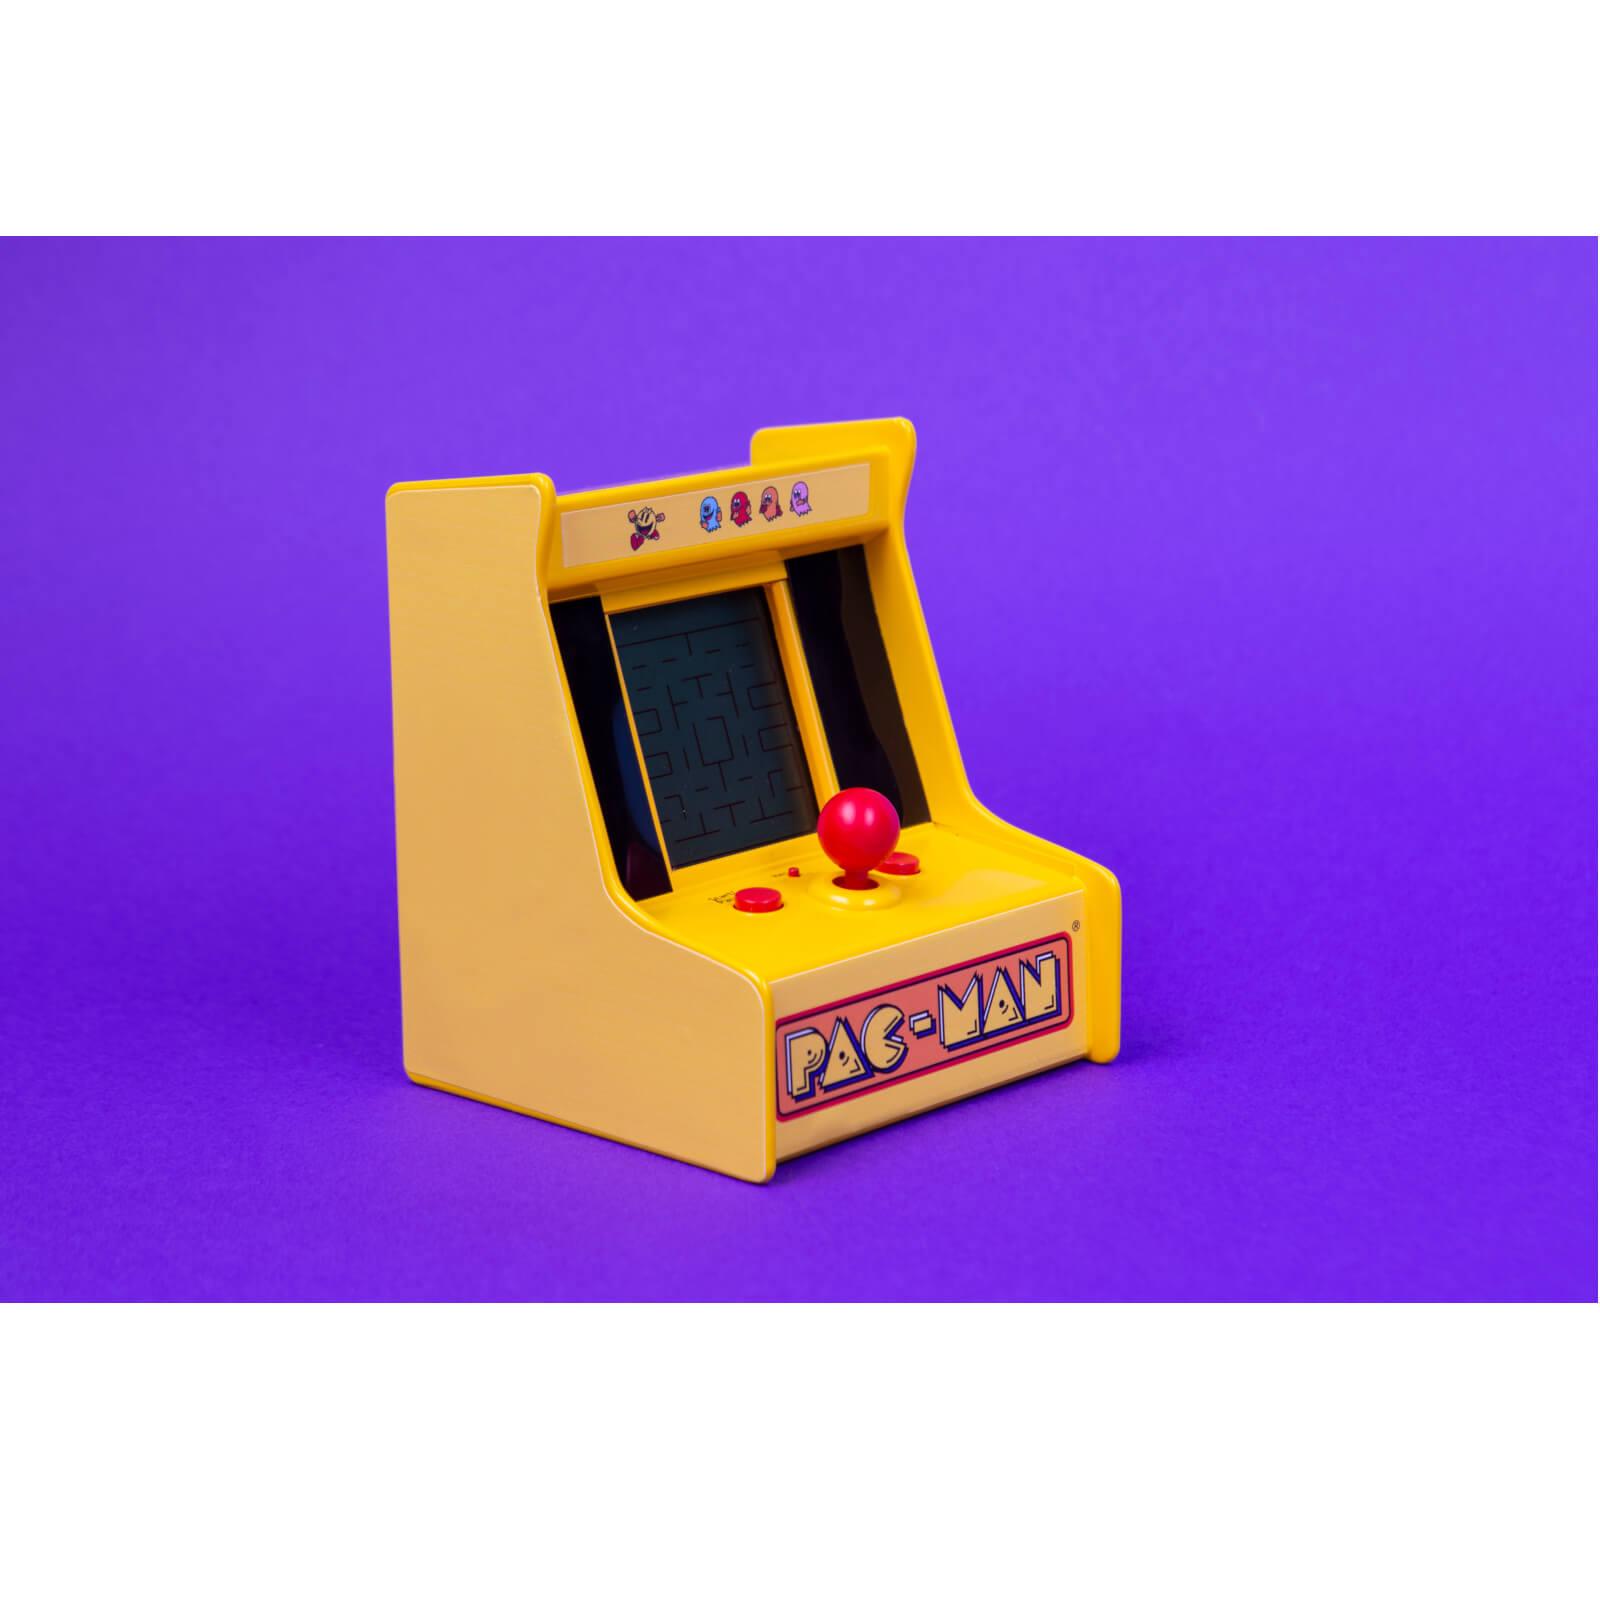 Image of Pac Man Desktop Arcade Game